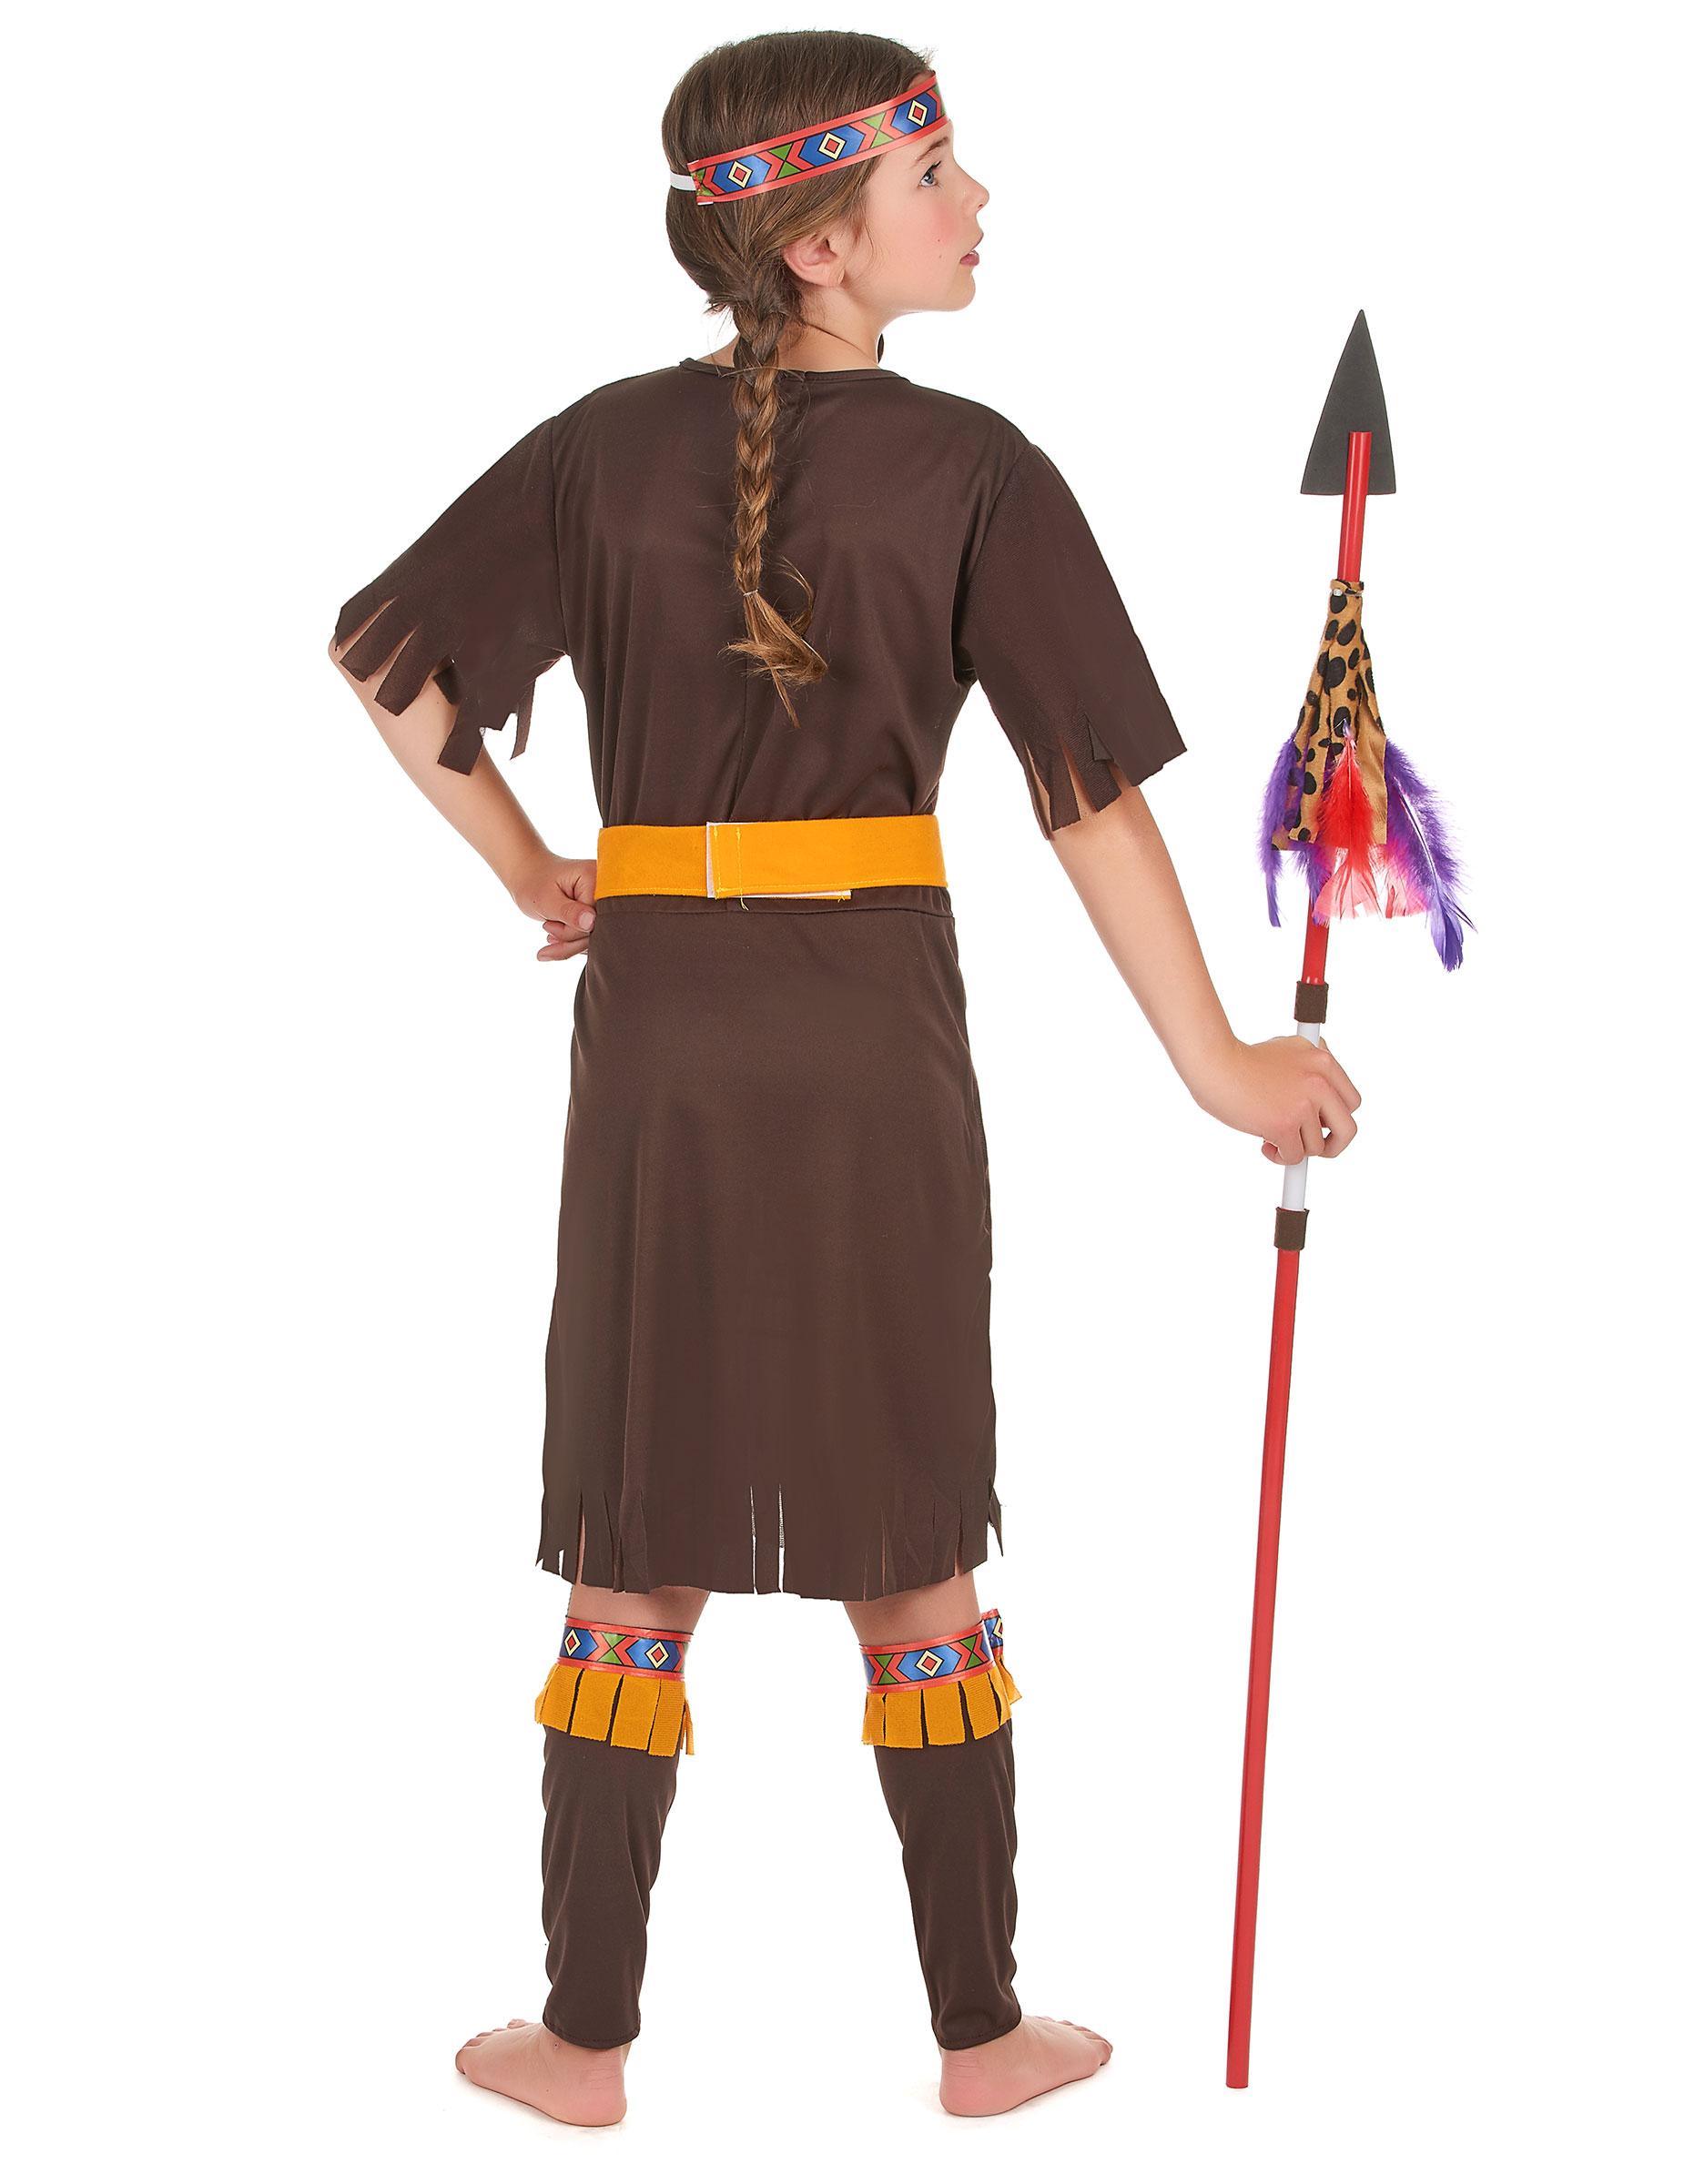 cbfafb265276 Déguisement indienne marron et jaune fille   Deguise-toi, achat de ...